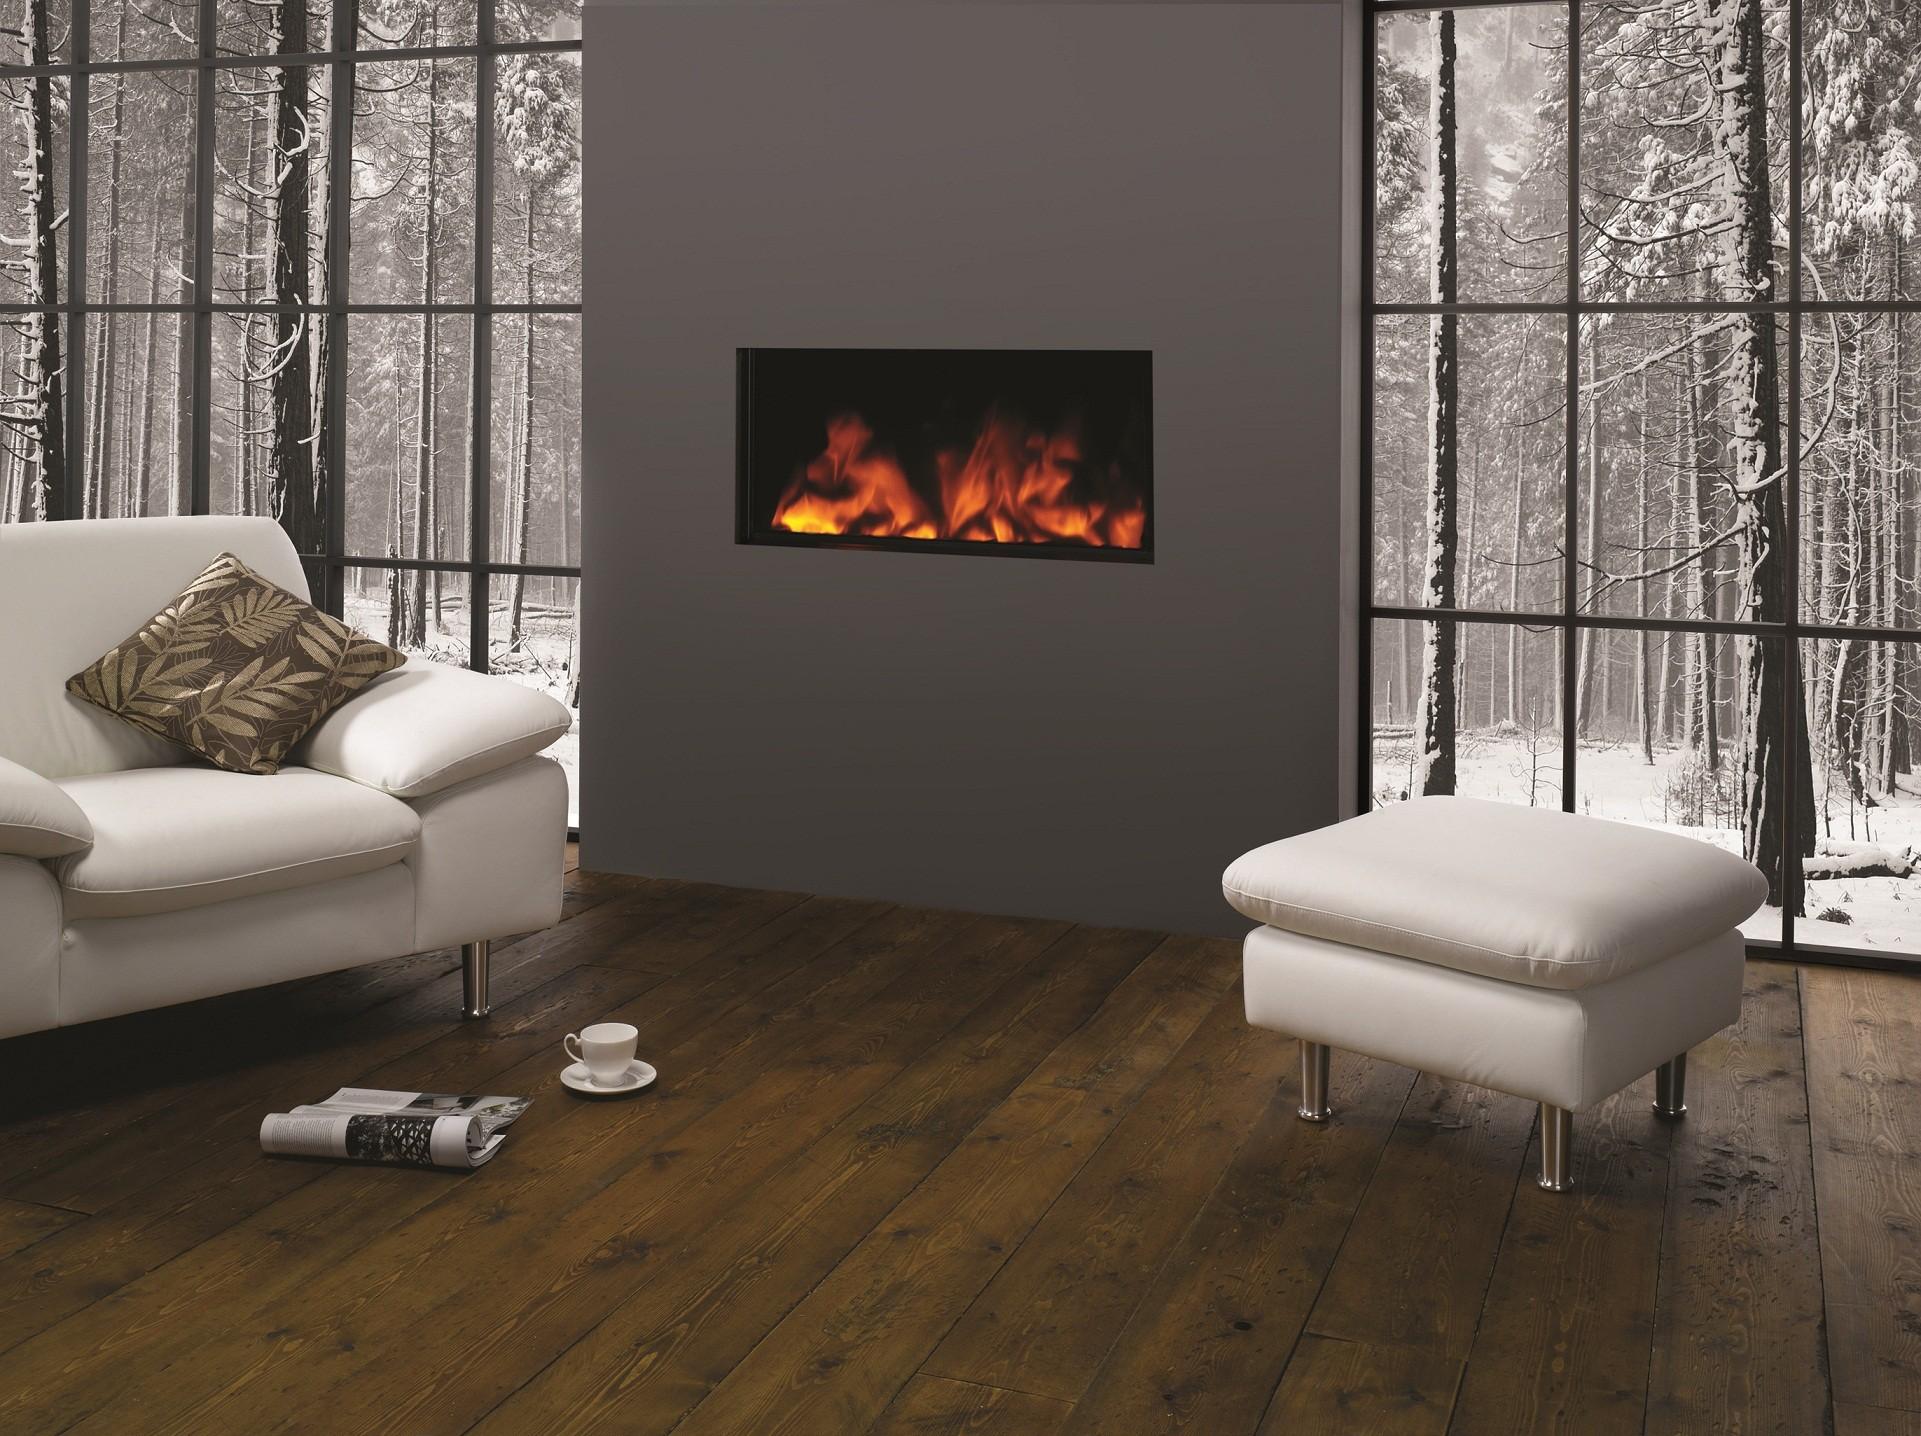 Кресло и пуф в гостиной с камином в стиле модерн